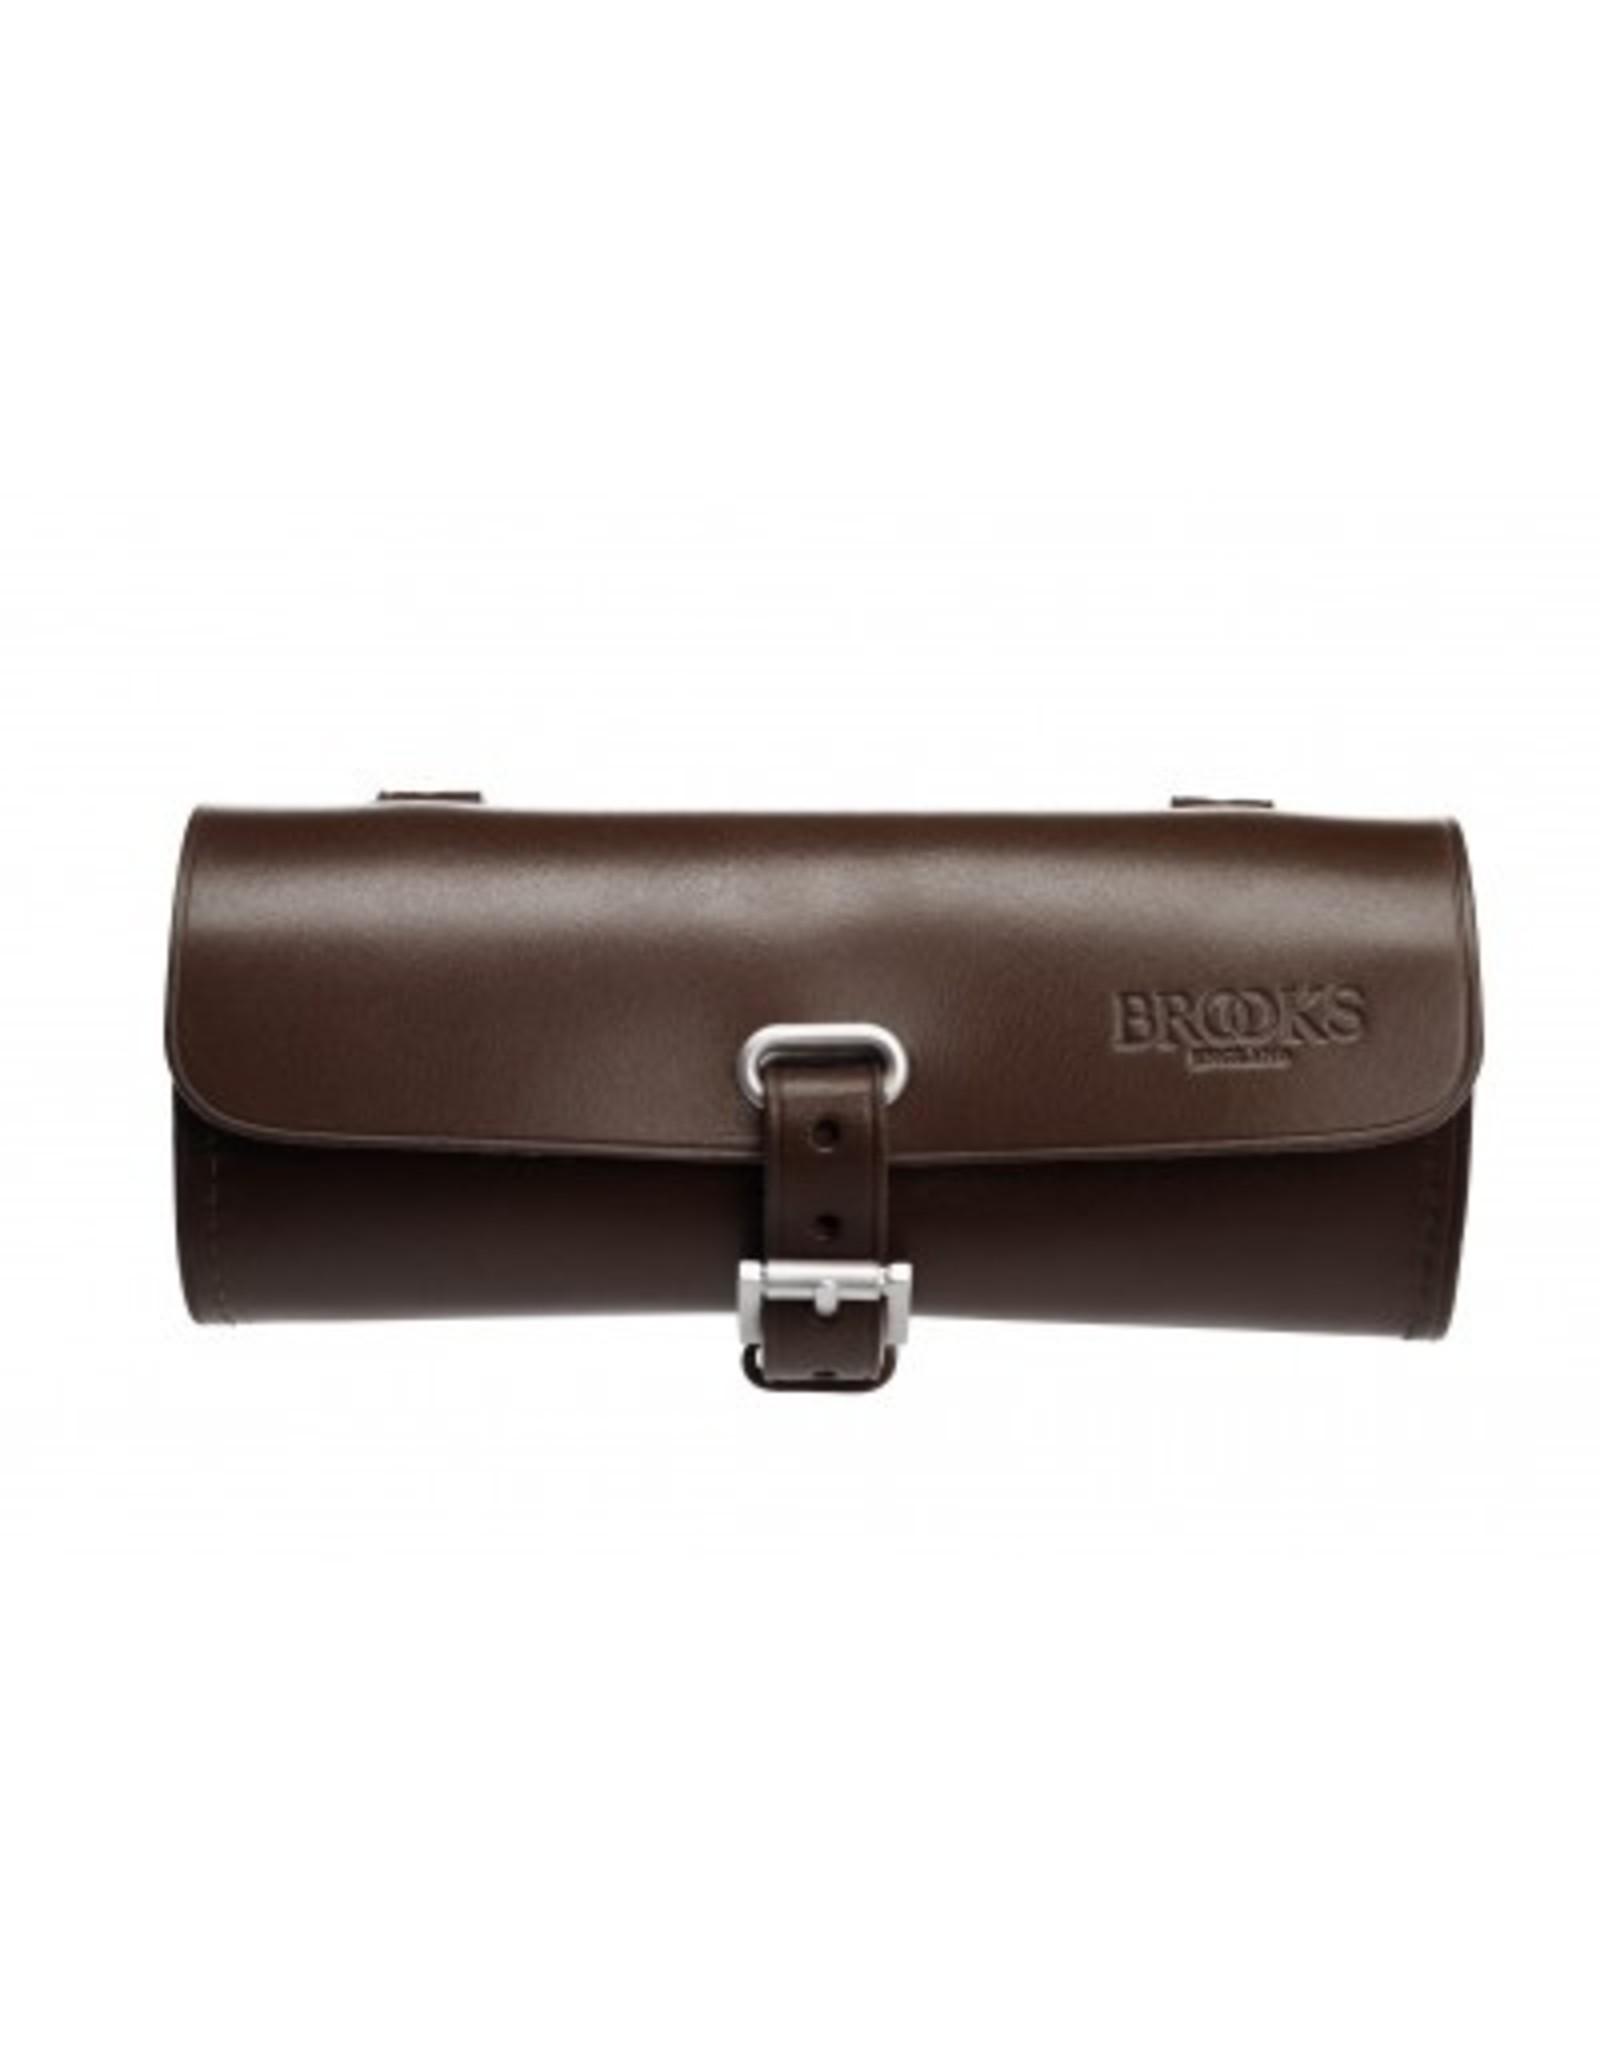 Brooks - Challenge Tool Bag - Brown